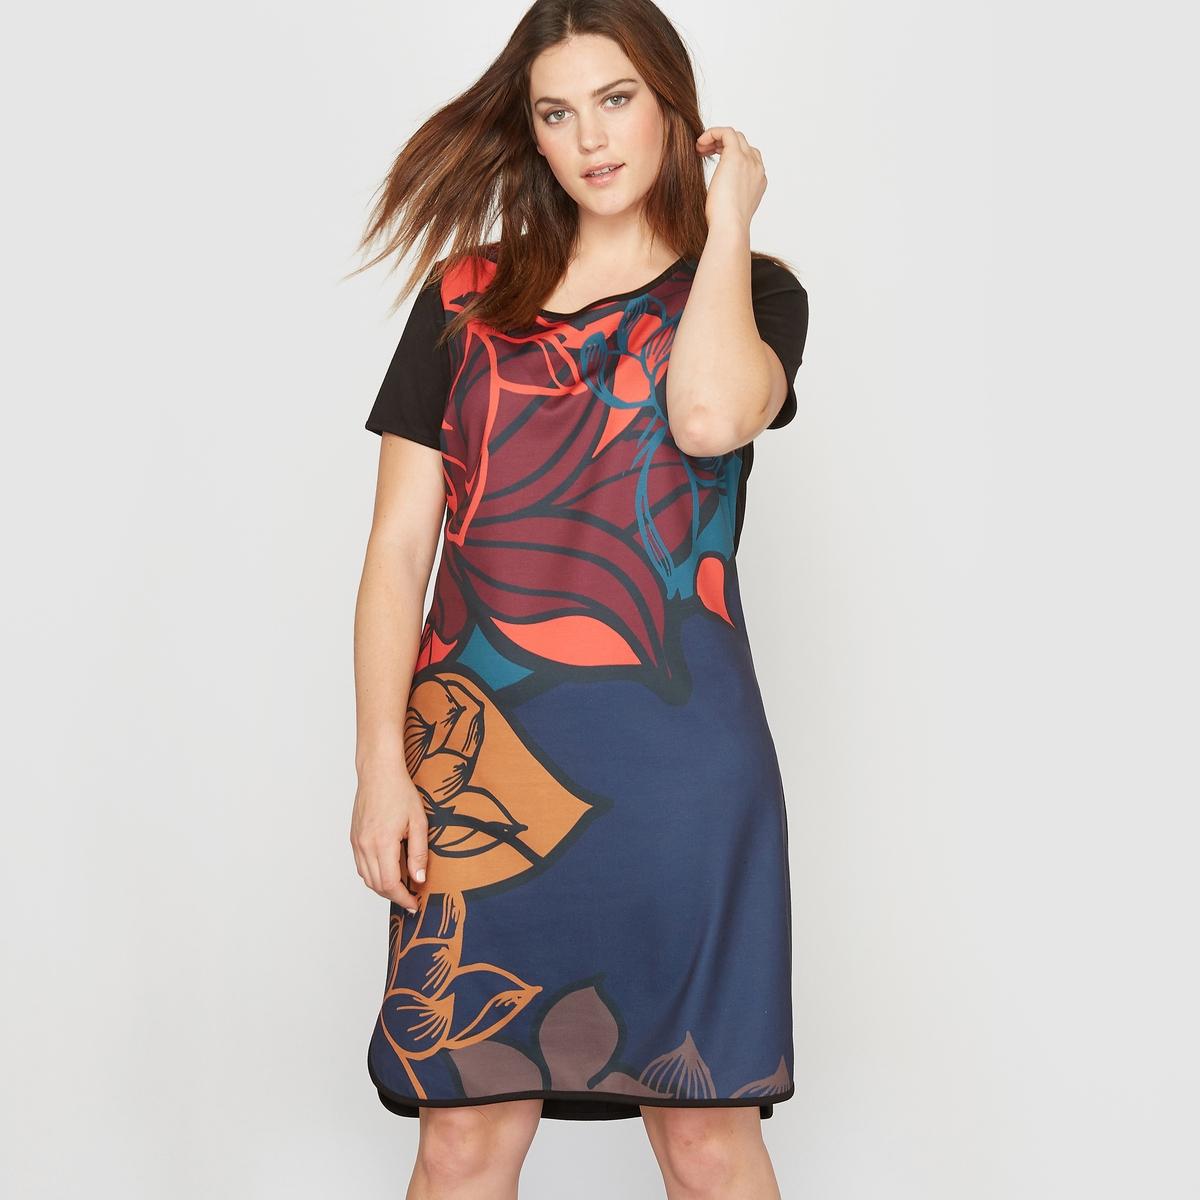 Платье с рисункомСостав и описание :Материал : трикотаж, 95% полиэстера, 5% эластана.Длина : 95 см. Марка : CASTALUNA.Уход : Машинная стирка при 30°.<br><br>Цвет: цветочный рисунок